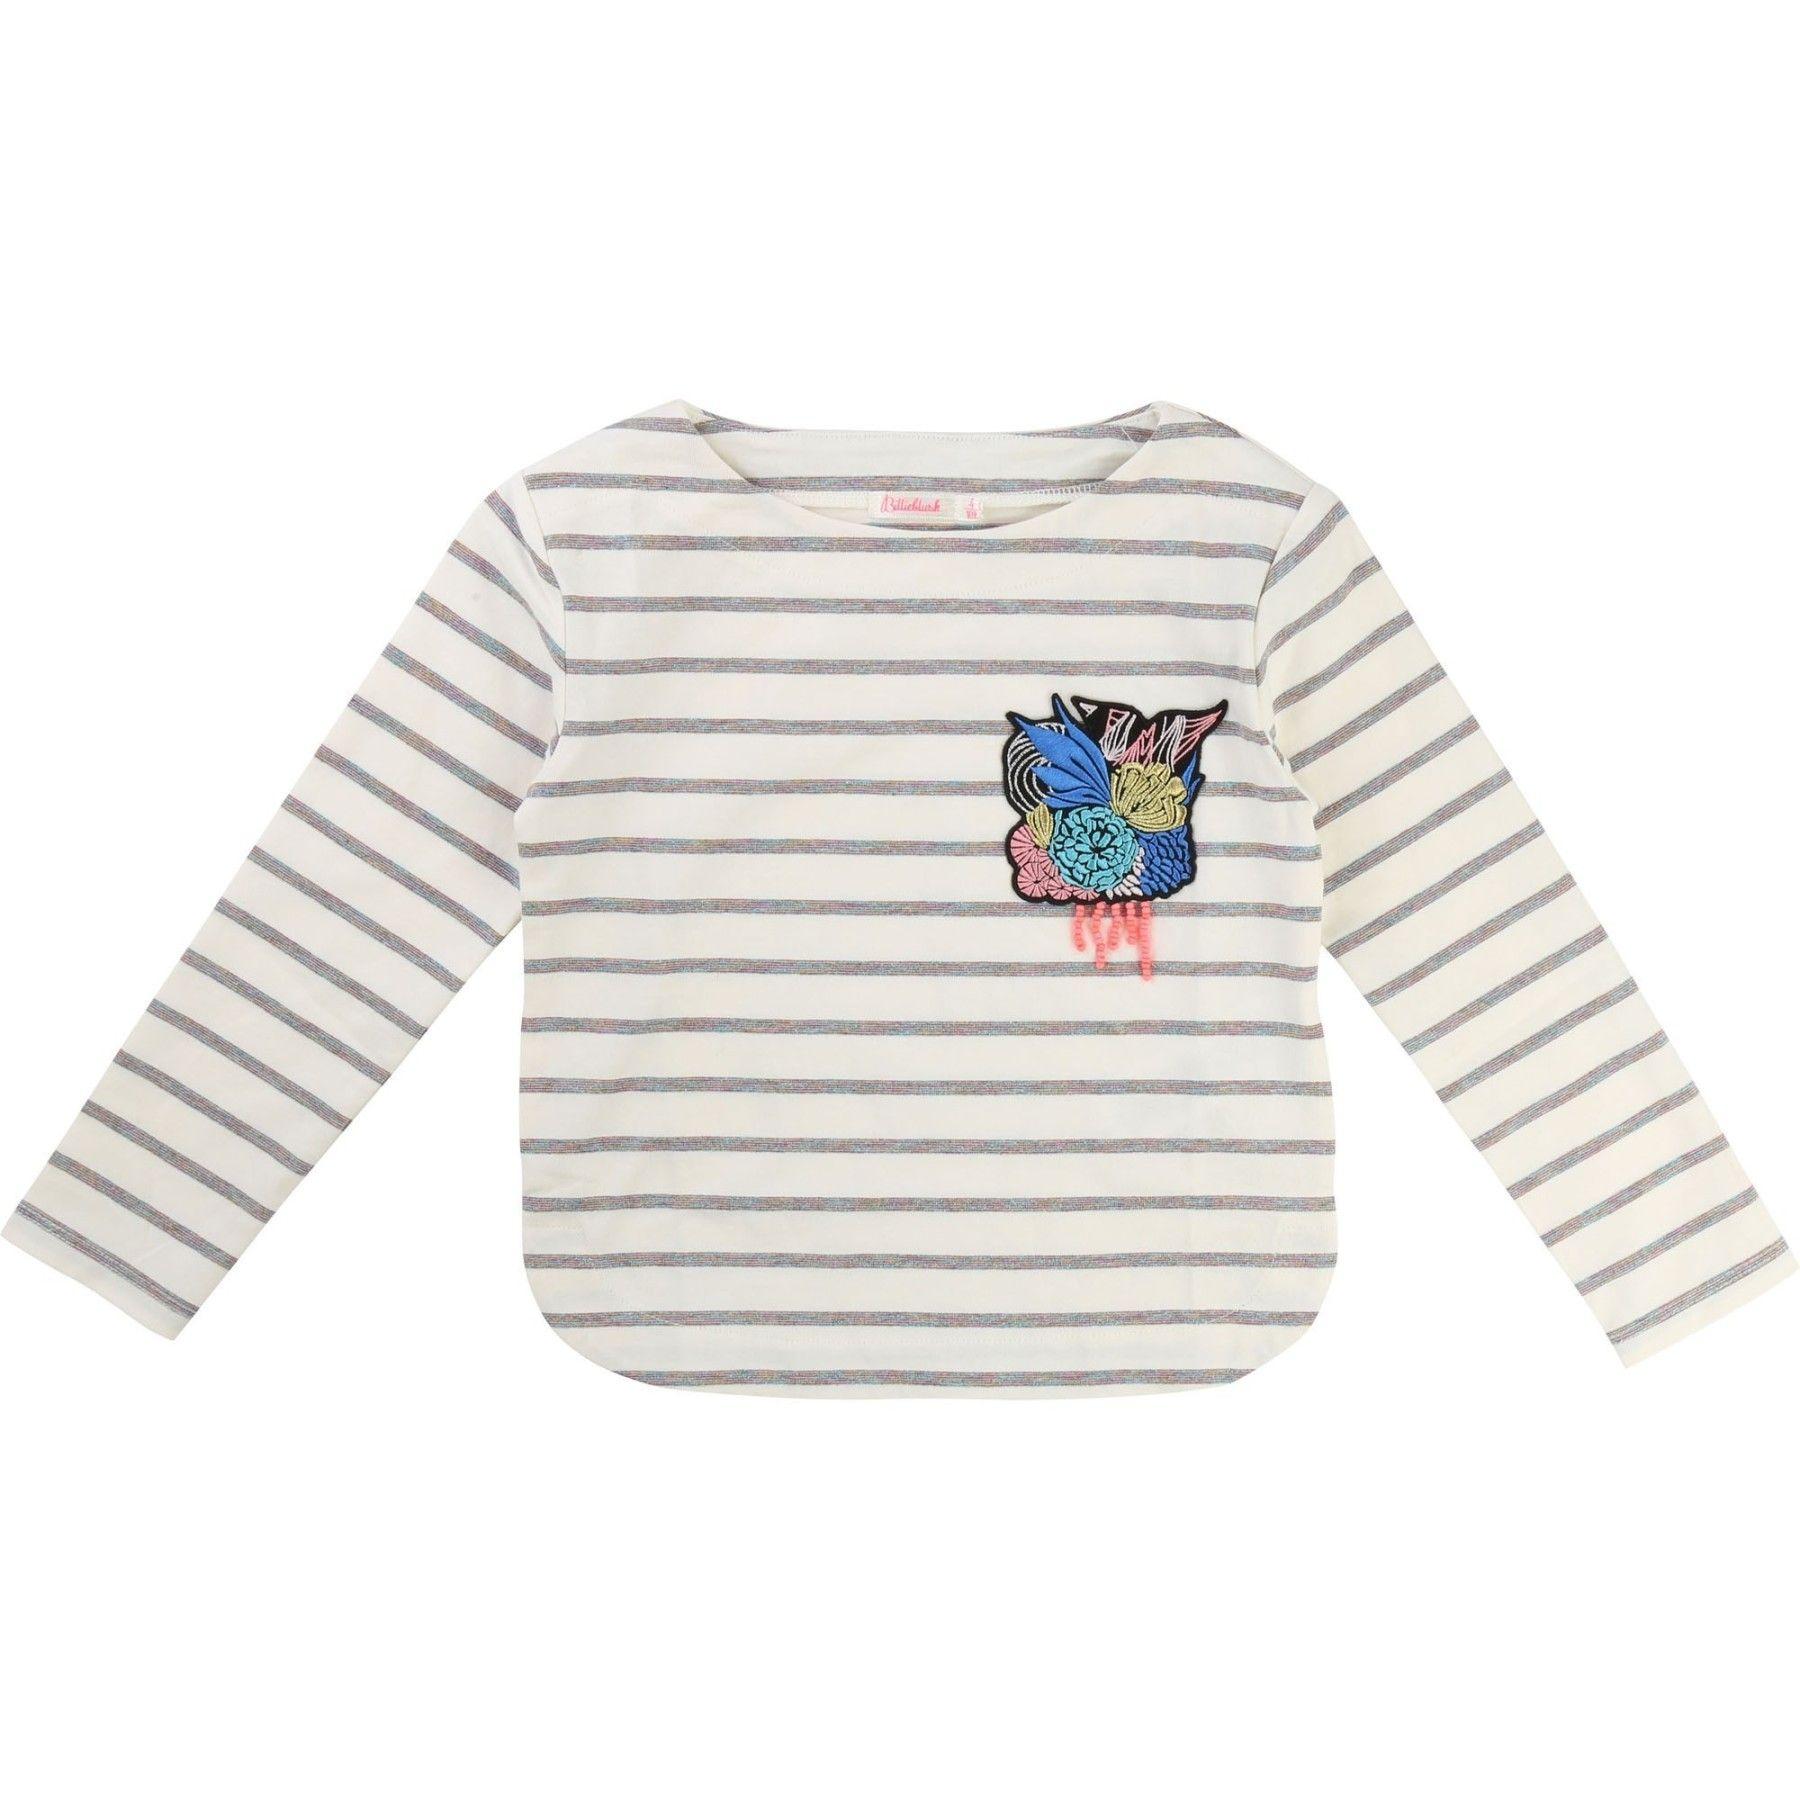 Jolie tshirt en jersey à rayures multicolores et brillantes grâce